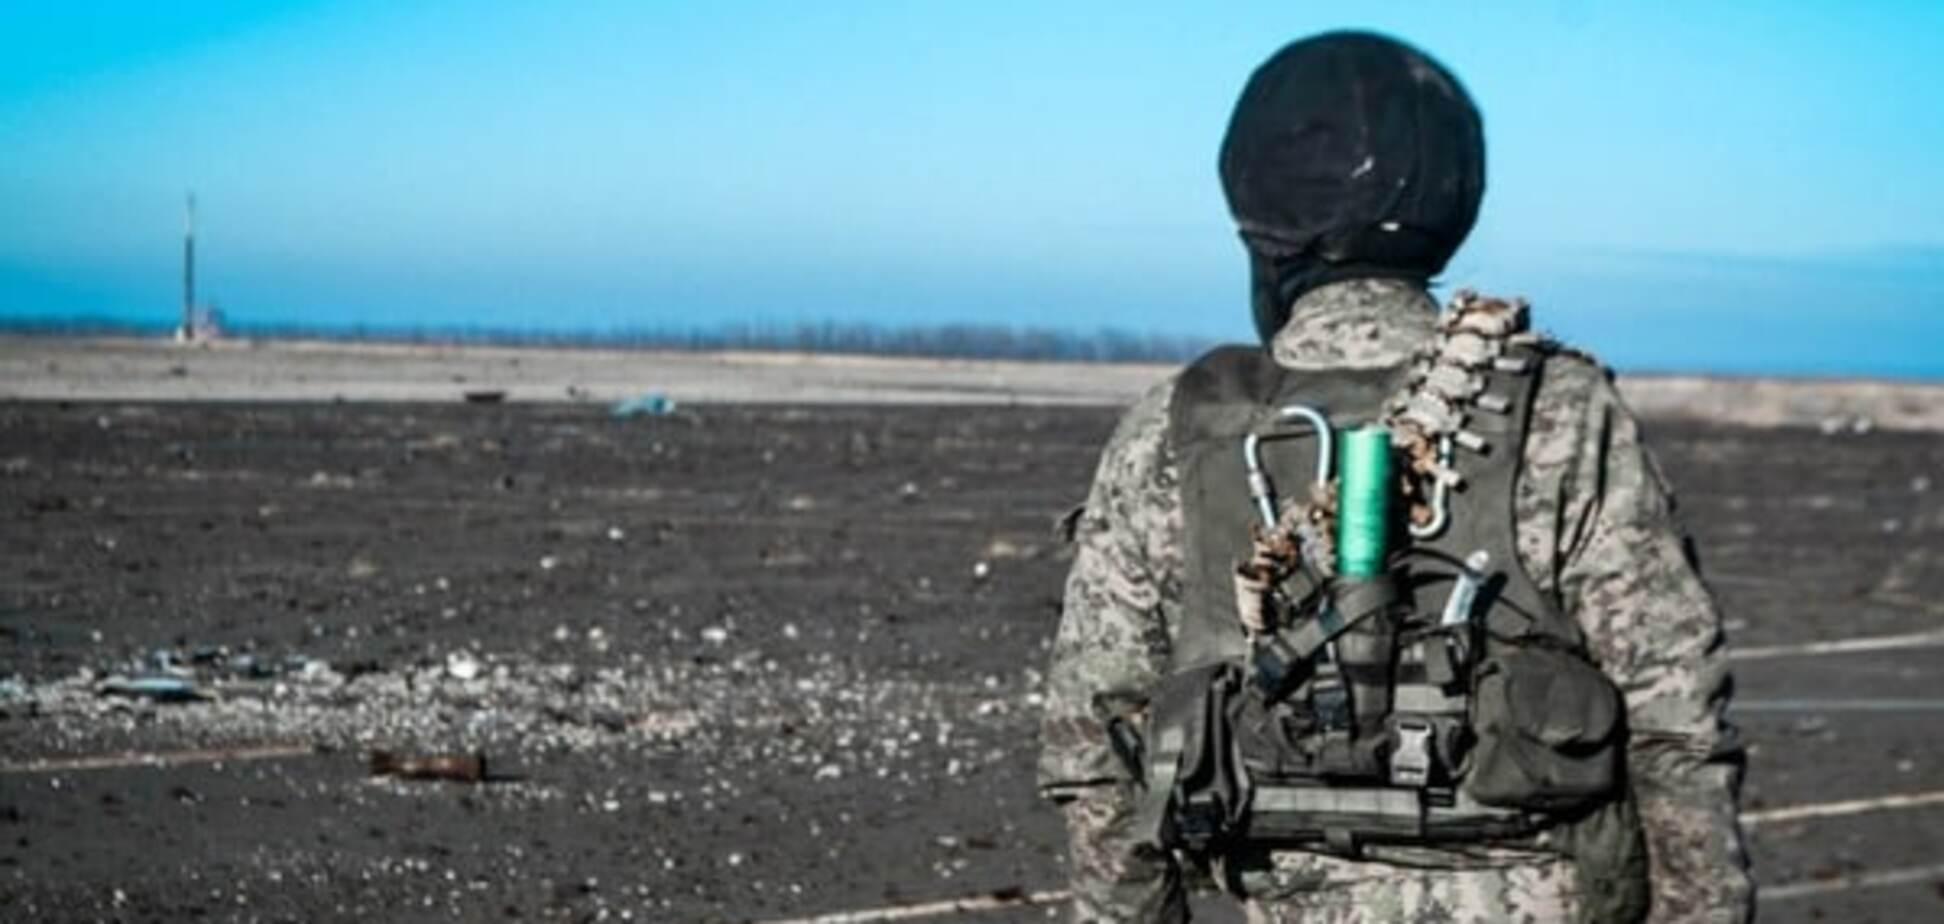 Під Горлівкою терористи 'ДНР' увірвалися в 'сіру зону' у формі військовослужбовців ЗСУ